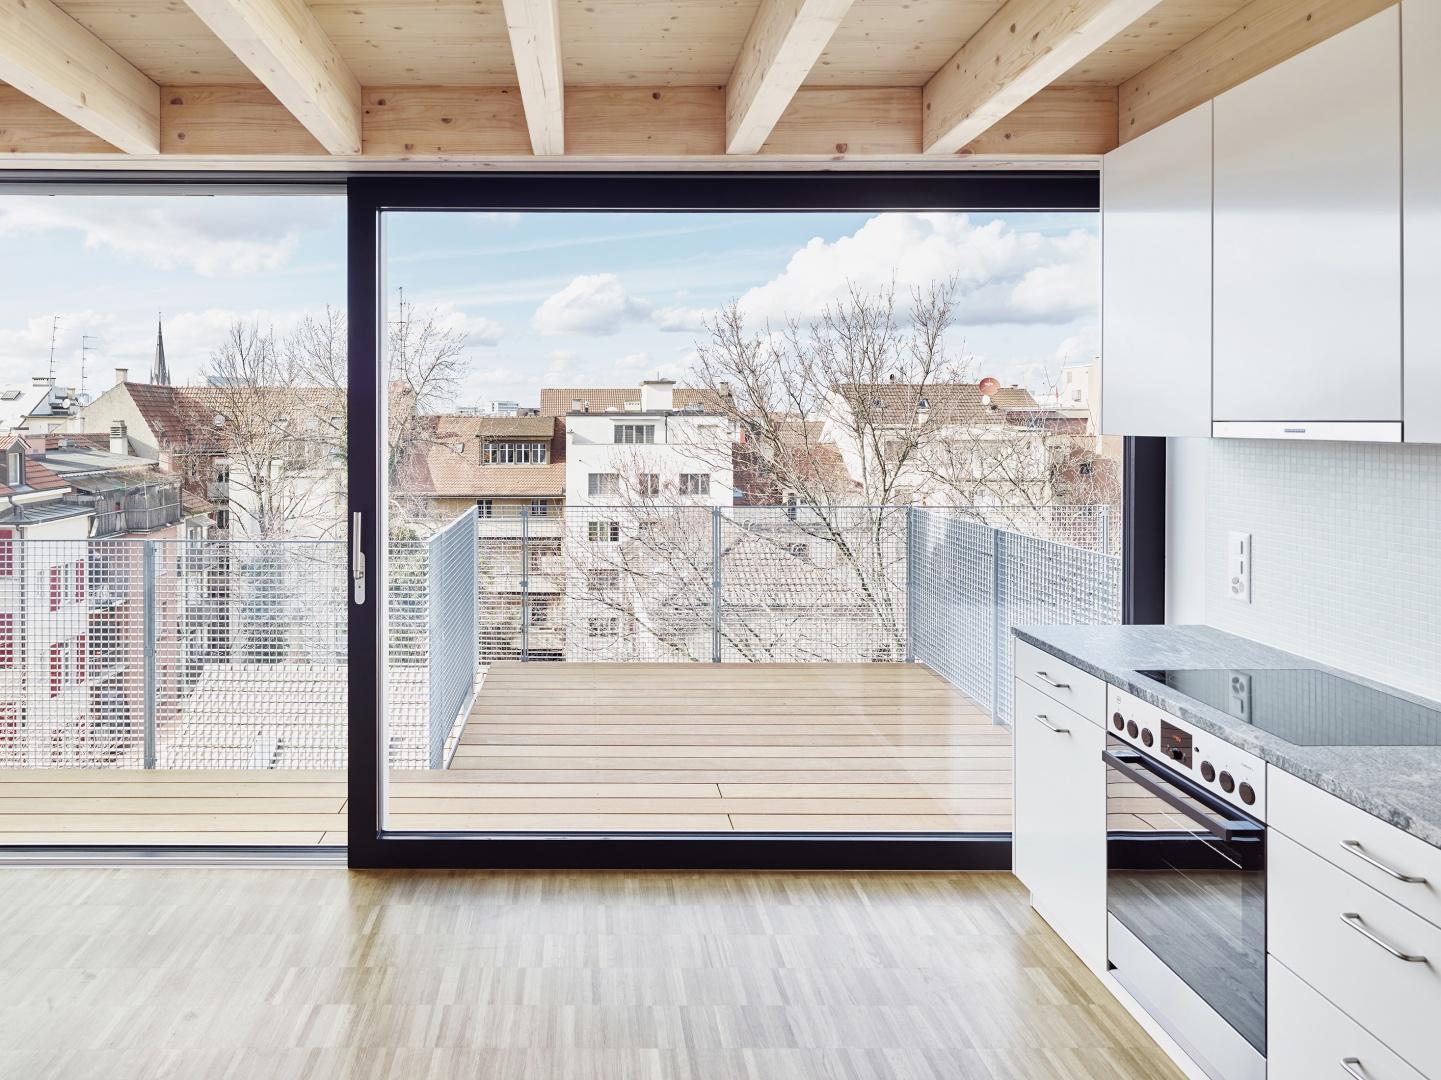 Durch die abgehängte Deckenkonstruktion wird das untere Wohngeschoss räumlich frei gespielt. © Lukas Räber